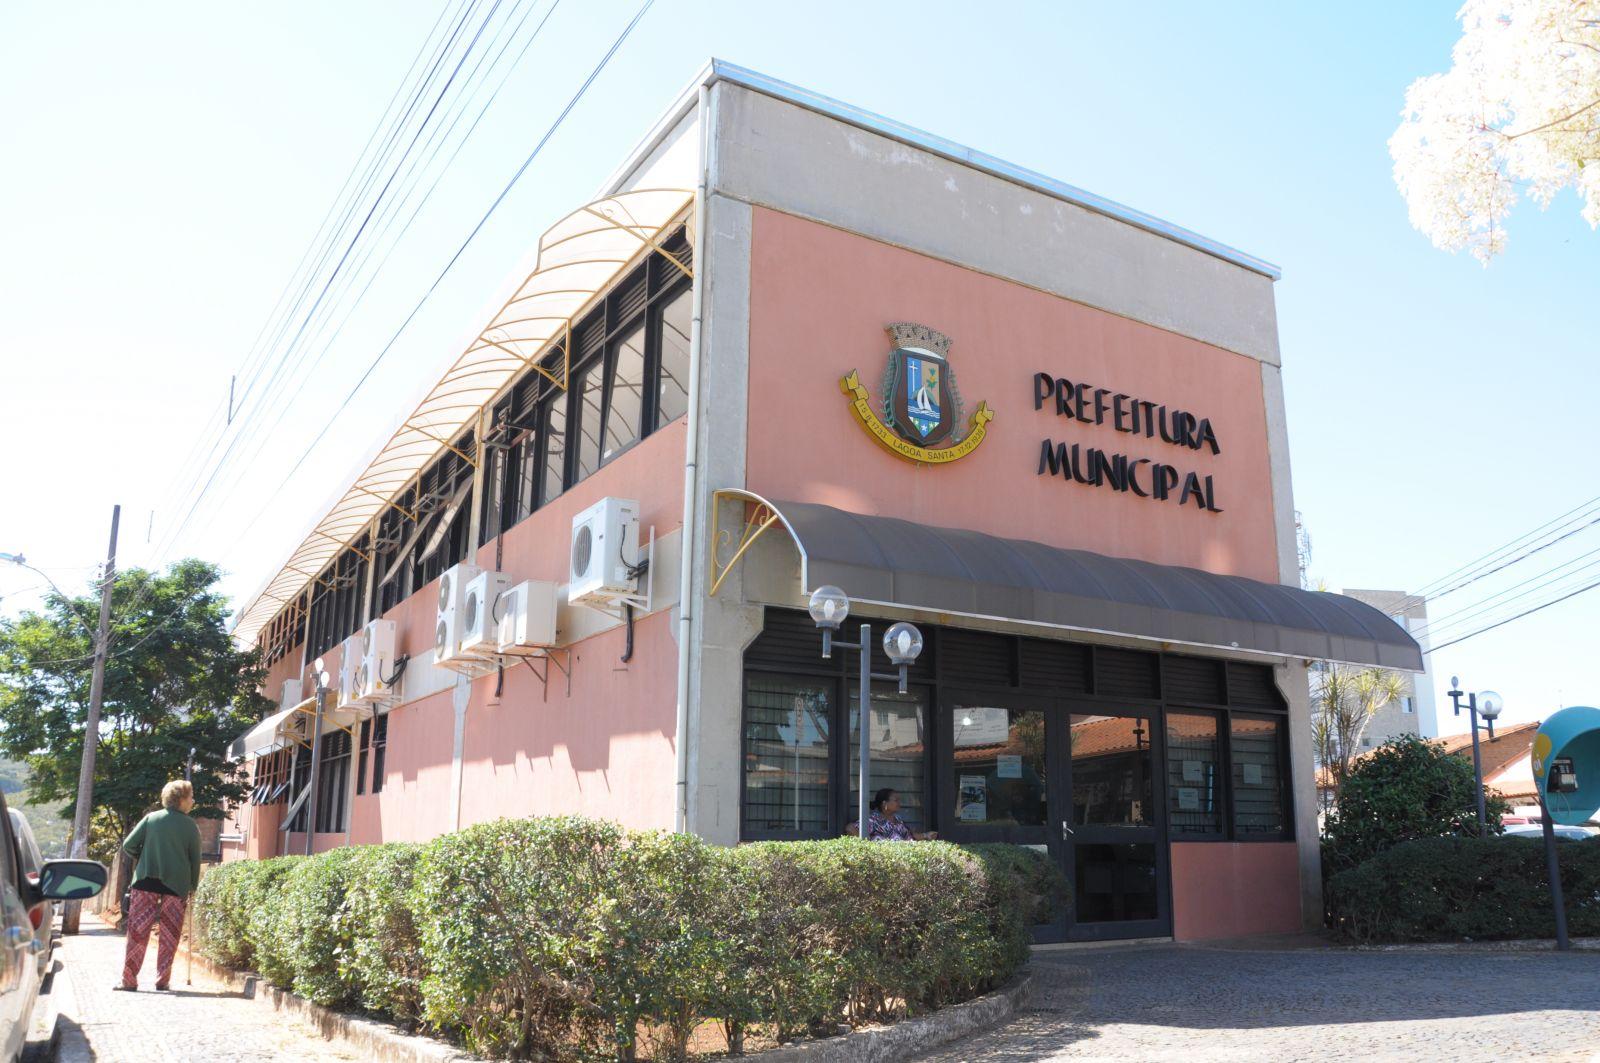 Decreto municipal fecha escolas particulares até o dia 31 de março